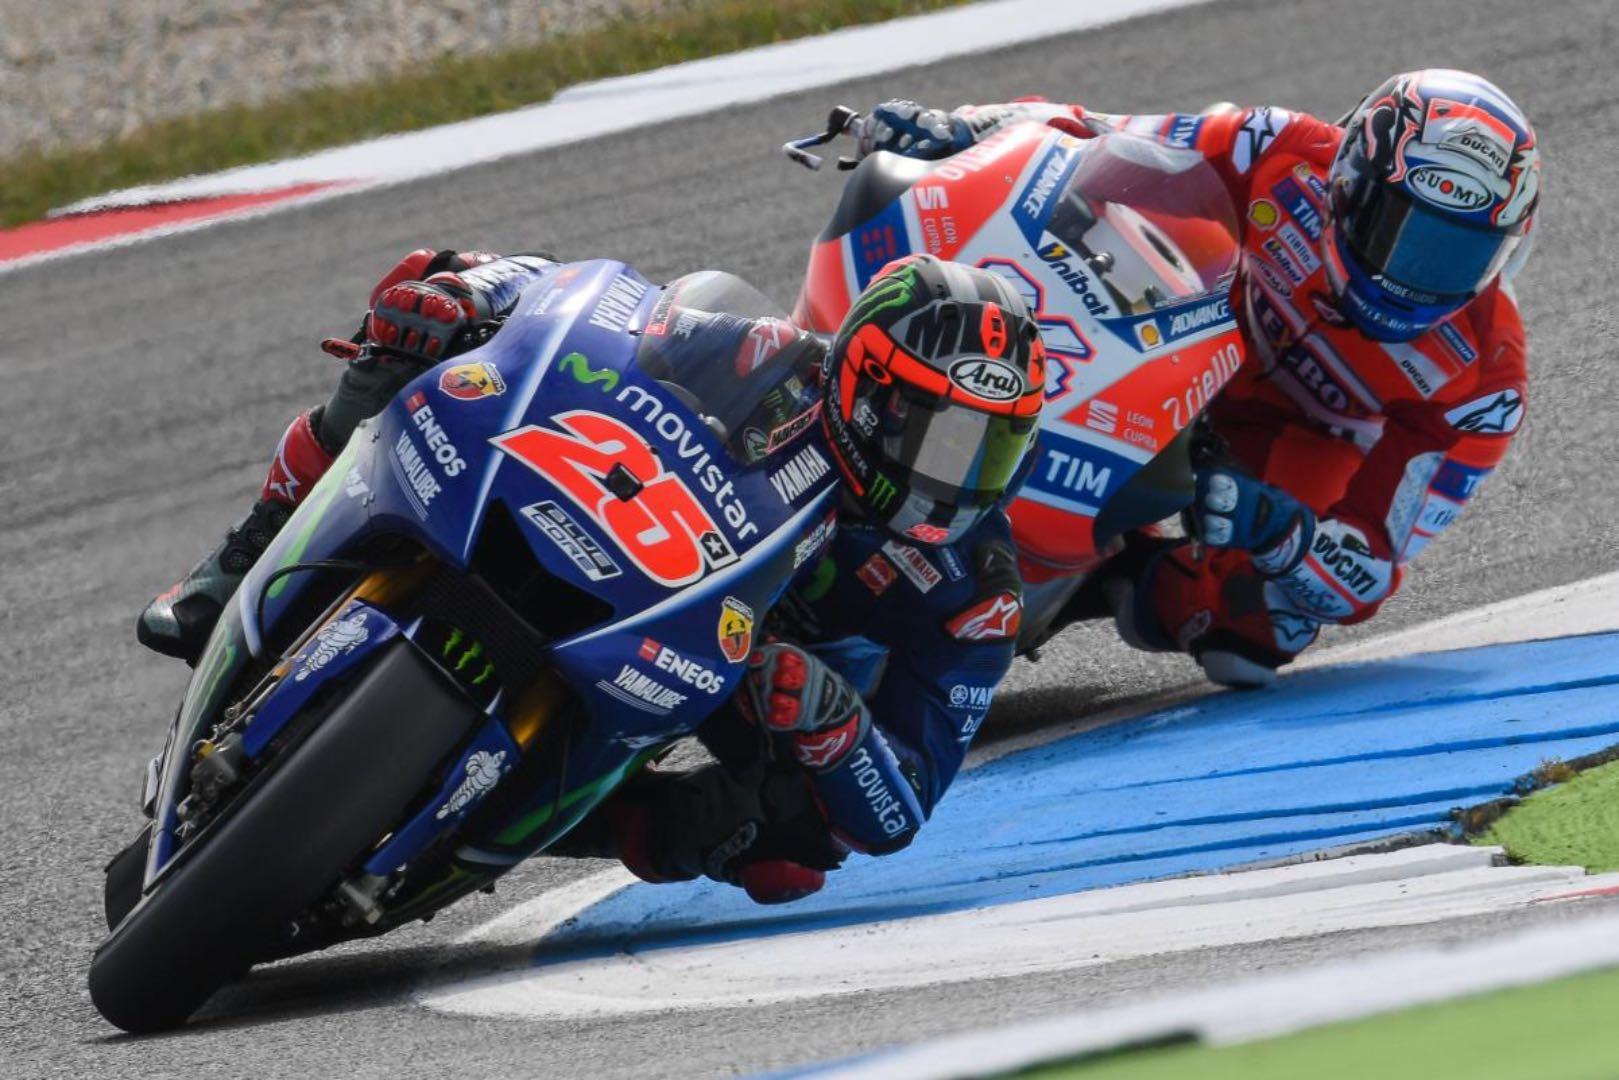 Yamaha's Vinales Tops Assen MotoGP Friday Practice